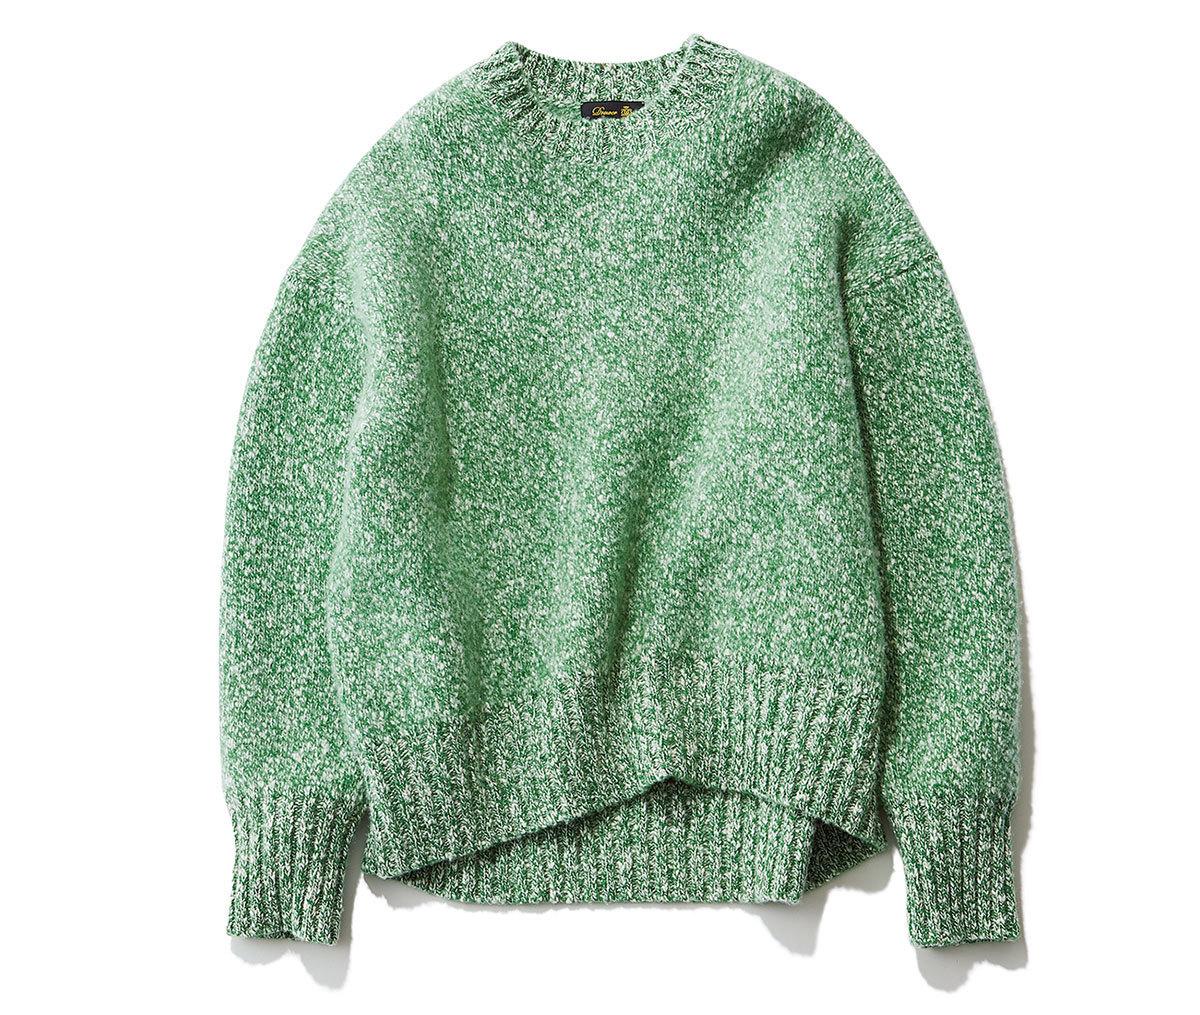 真冬コーデの差し色はコレ!グリーンに注目|40代 2020冬ファッション_1_2